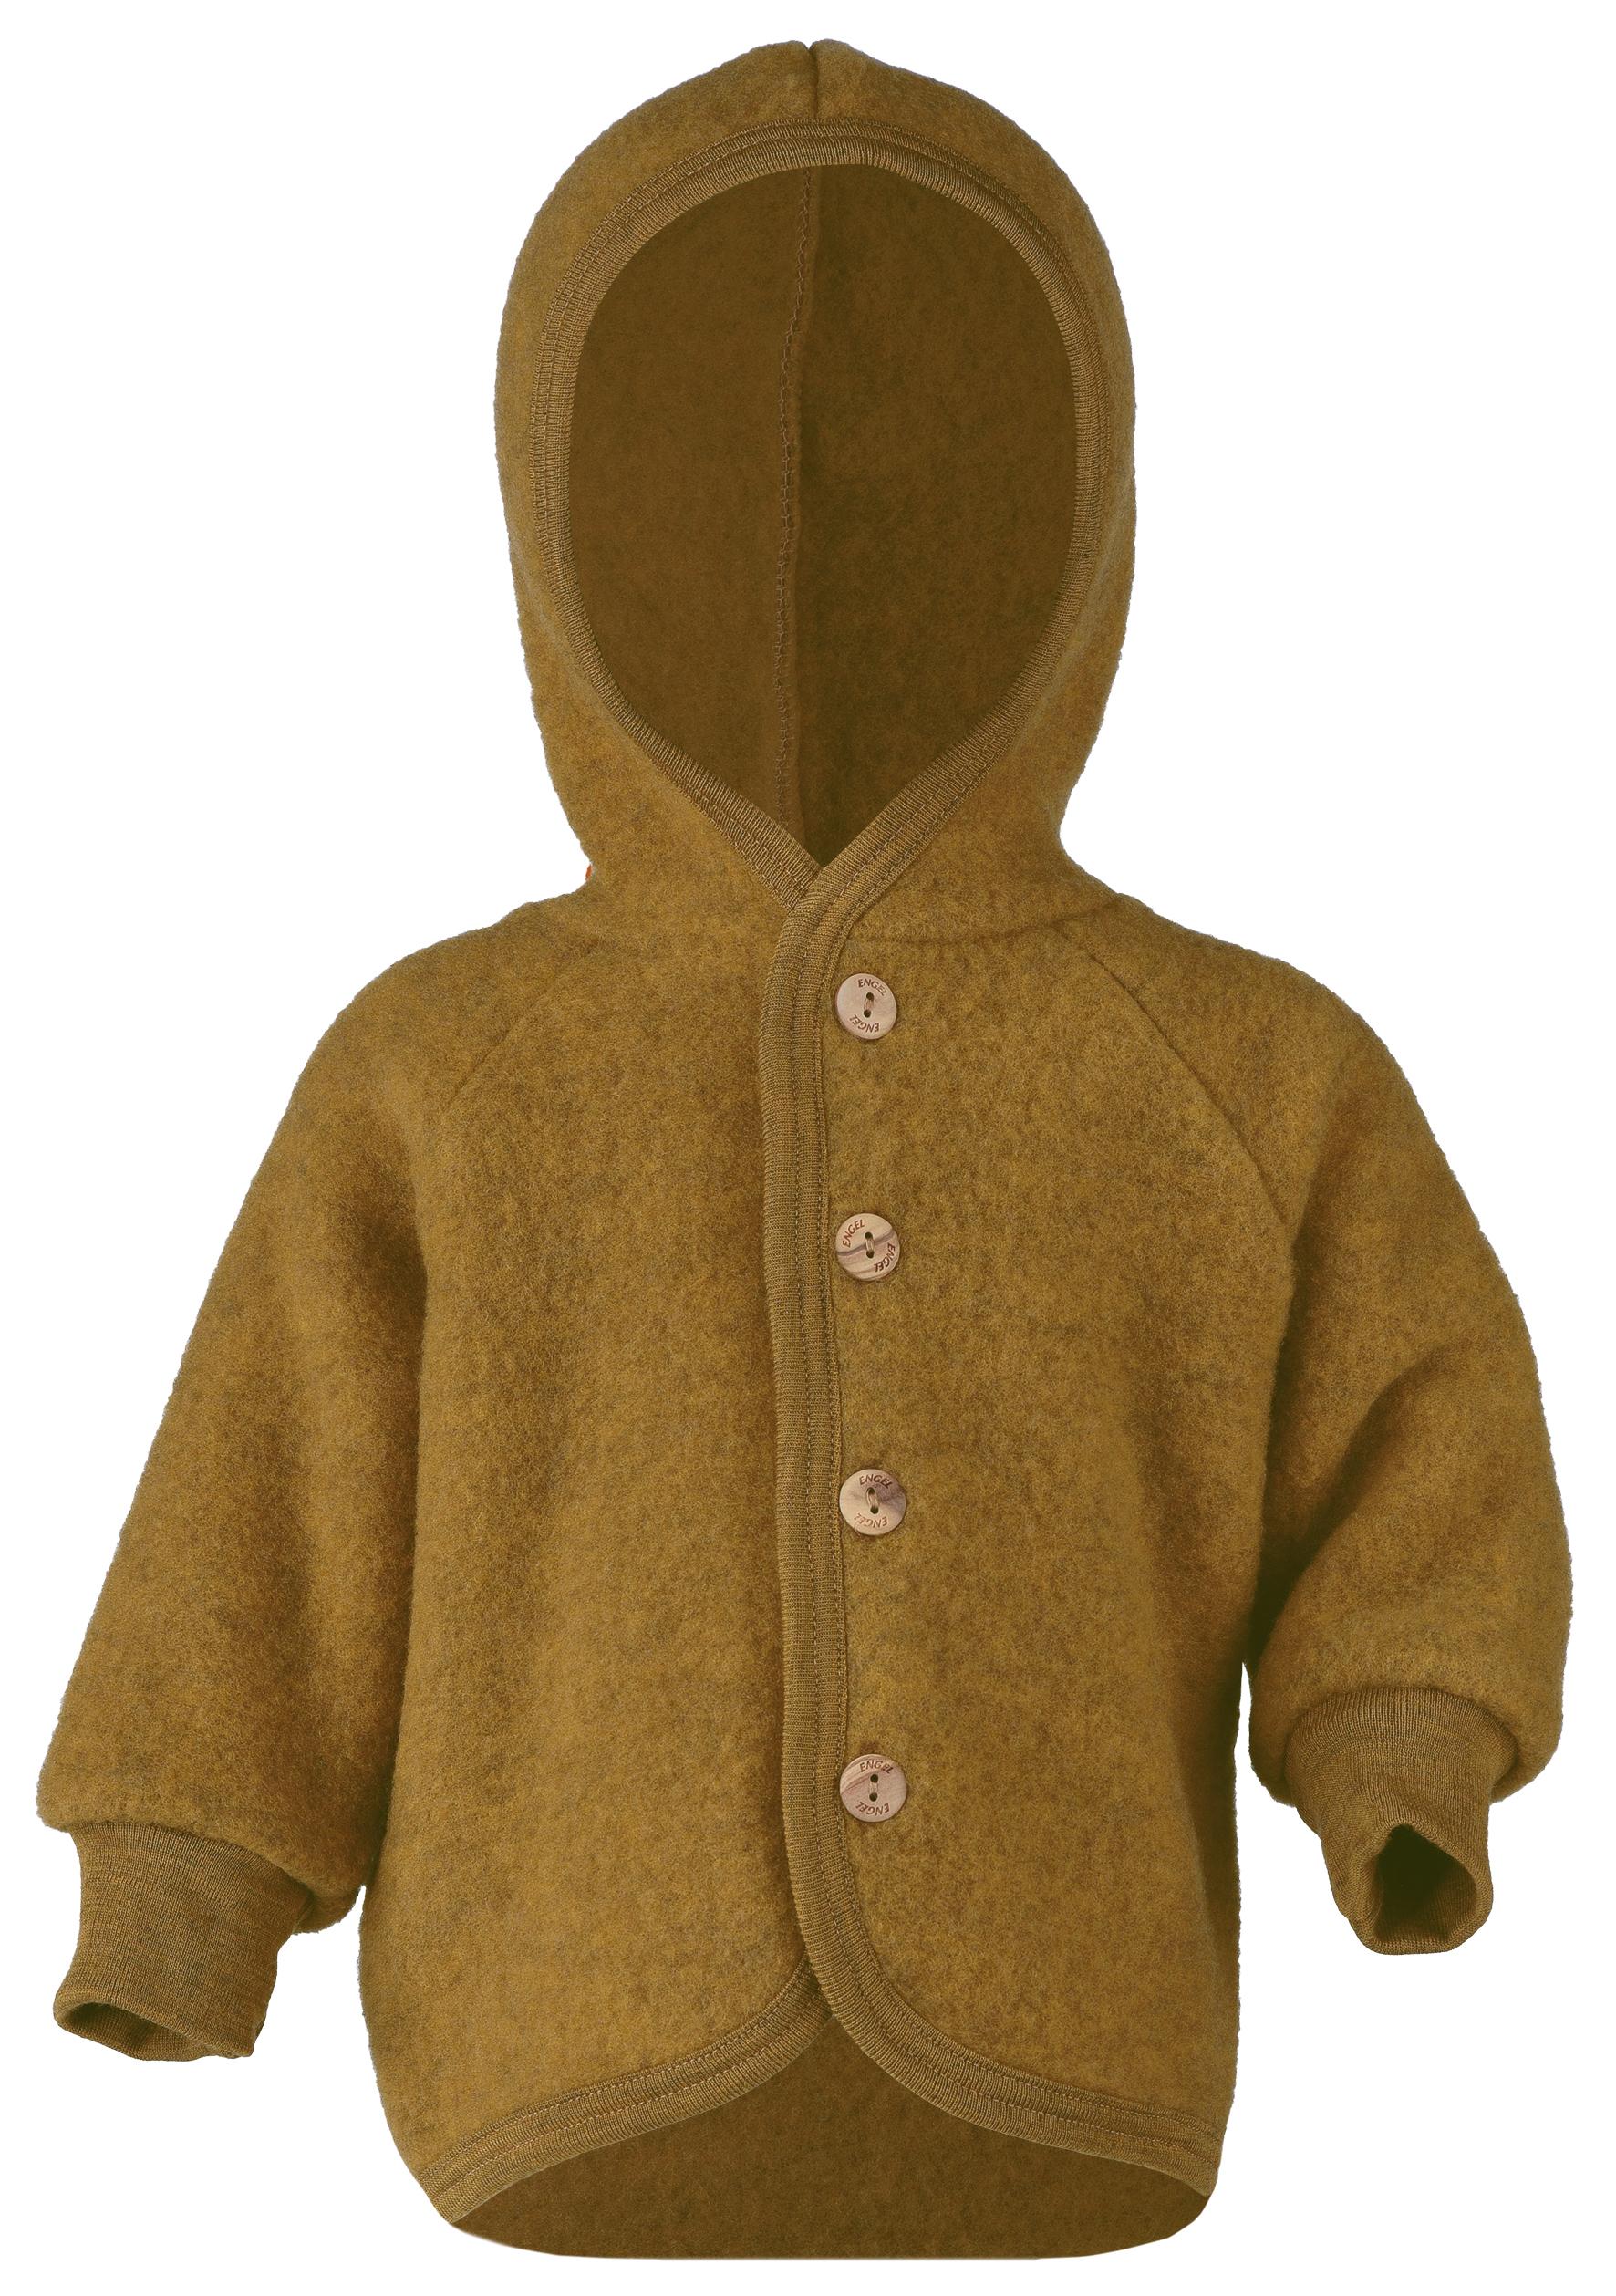 Gigoteuses et combinaisons, manteaux ENGEL Nouveauté - Manteaux bébés avec capuche en 100% laine mérinos, polaire (50 au 92)